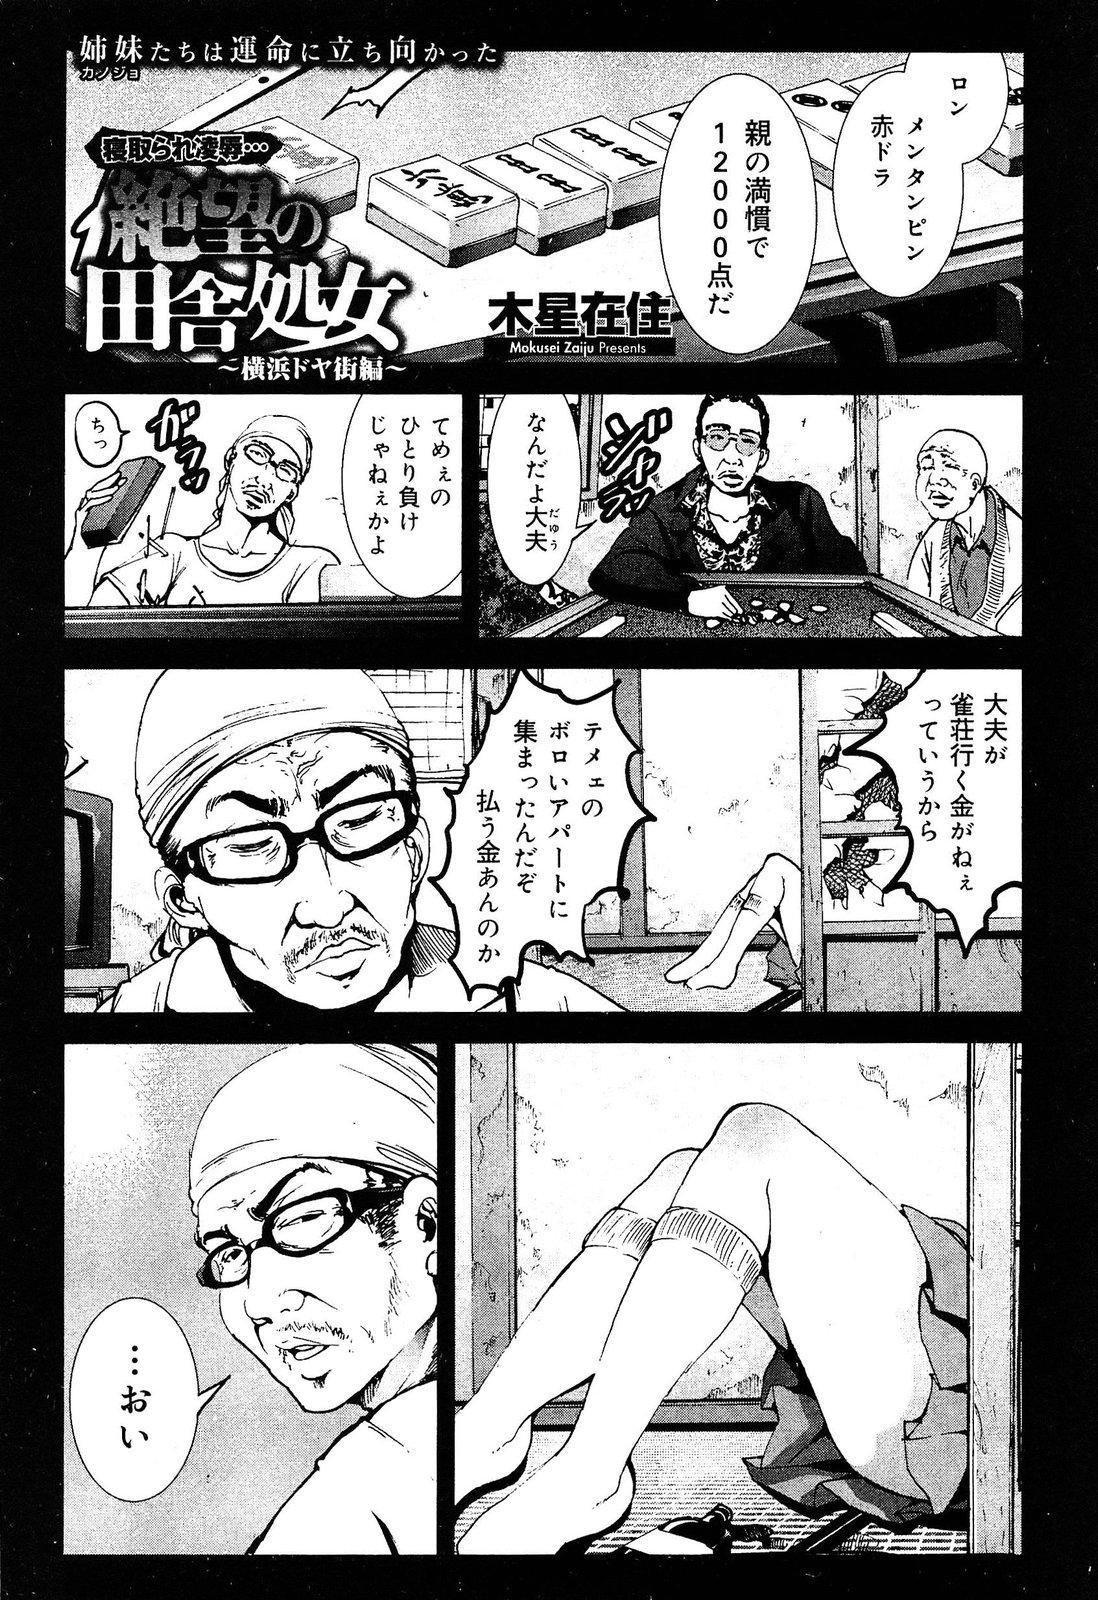 Seifuku Musou Houkago Tokubetsu Koushuu hen 11